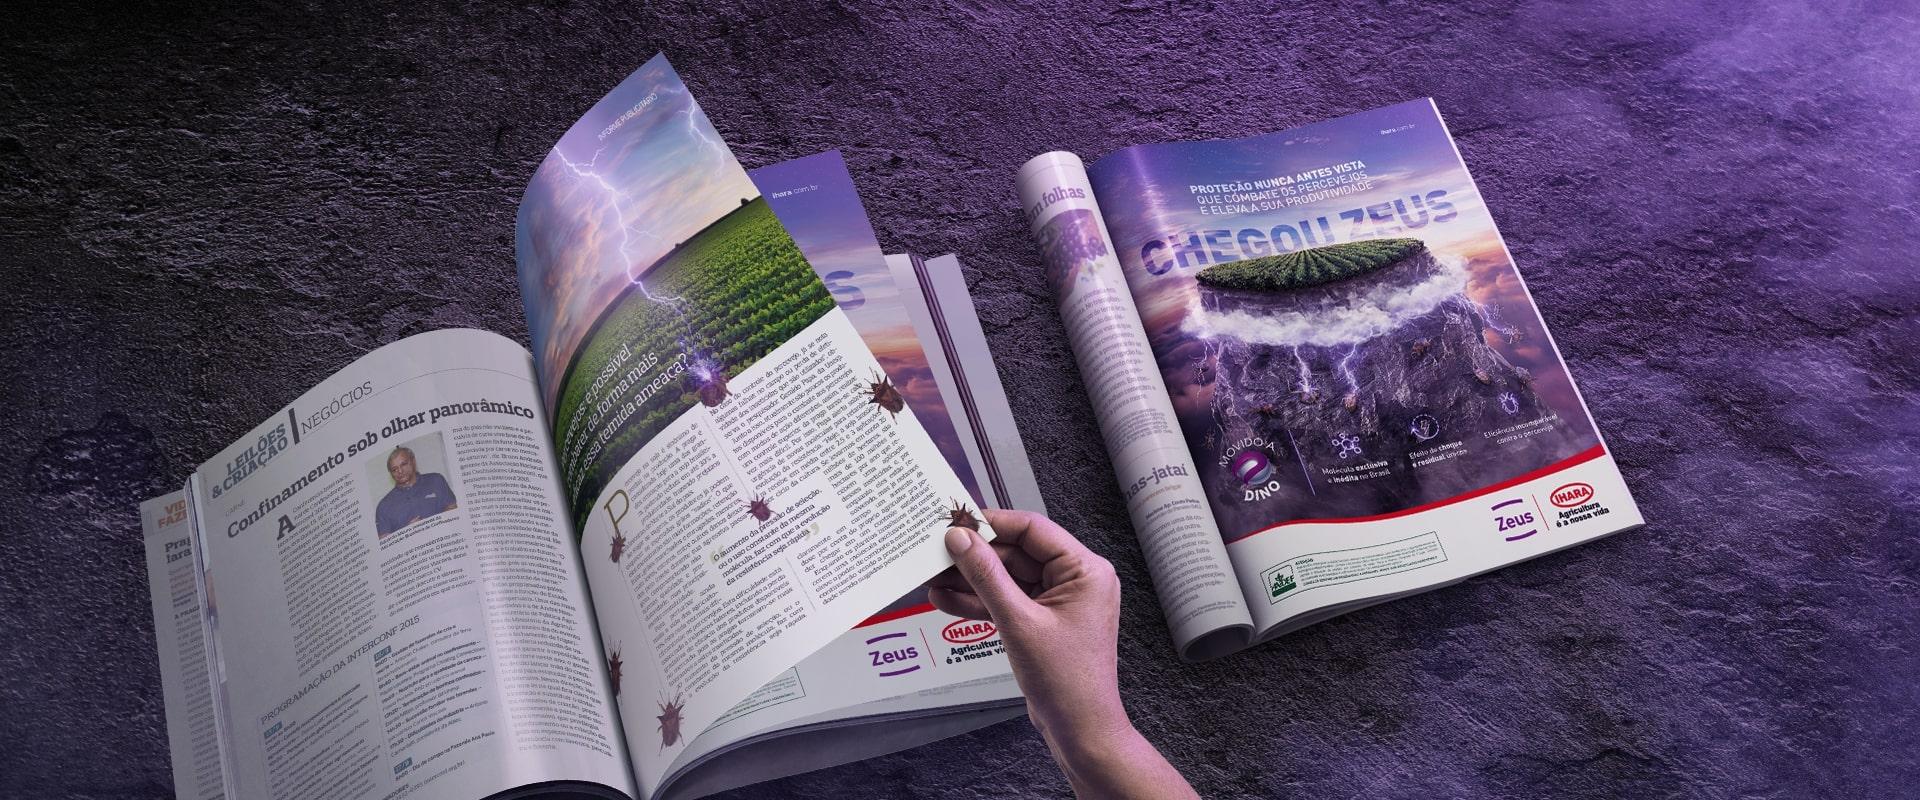 Impulsa supera expectativas com campanha do Zeus, lançamento inovador da IHARA